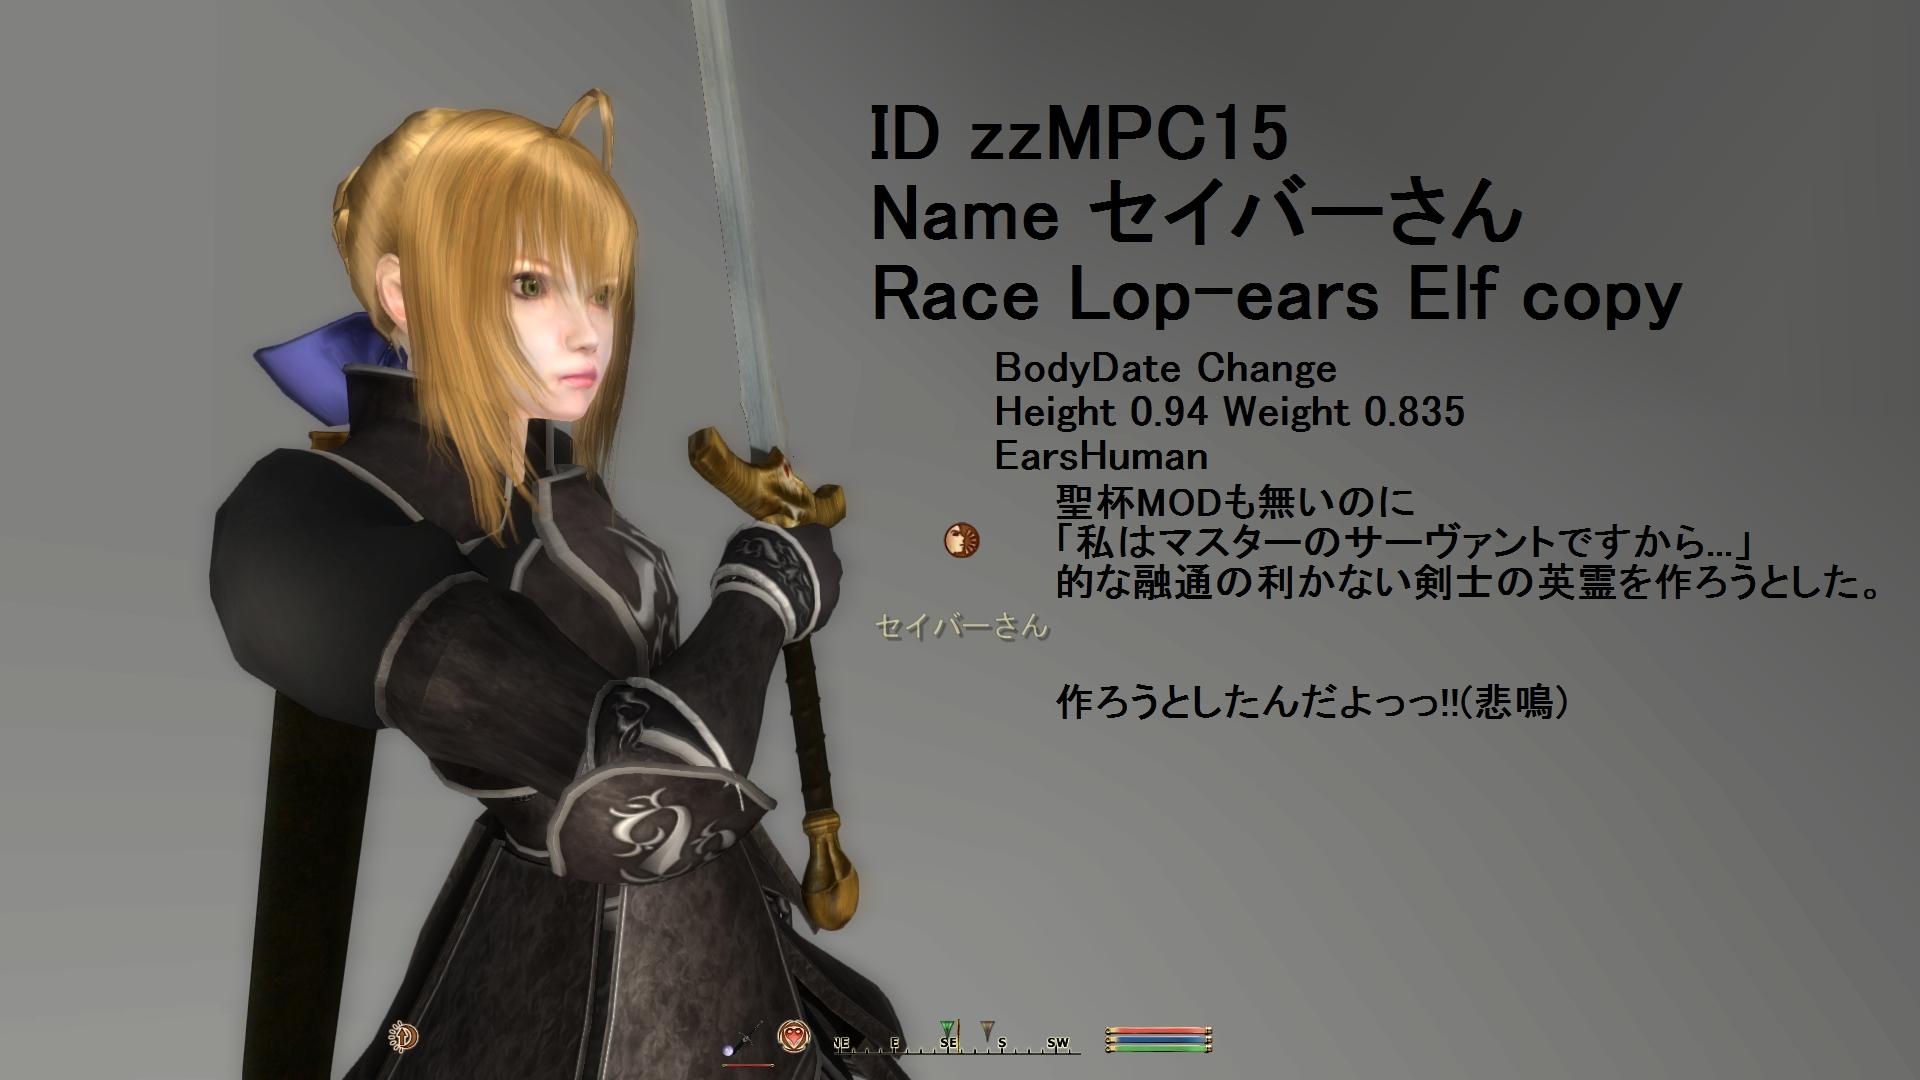 zzMPC15.jpg